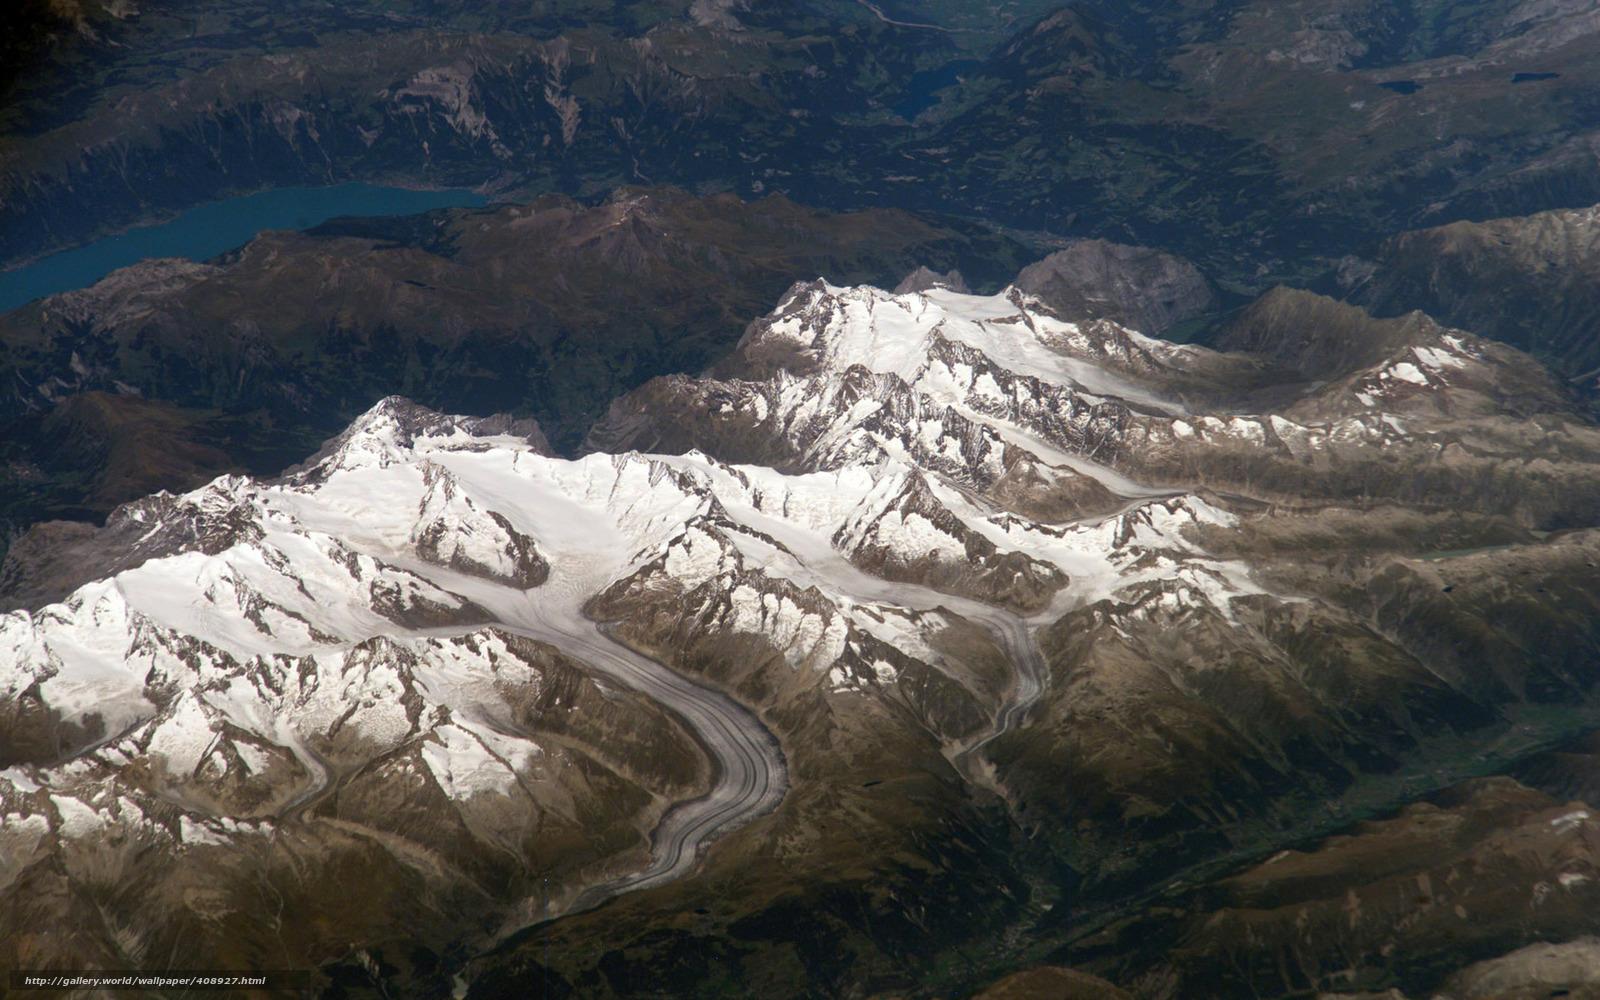 Скачать на телефон обои фото картинку на тему космос, снимок, горы, ледник, озеро, разширение 1680x1050